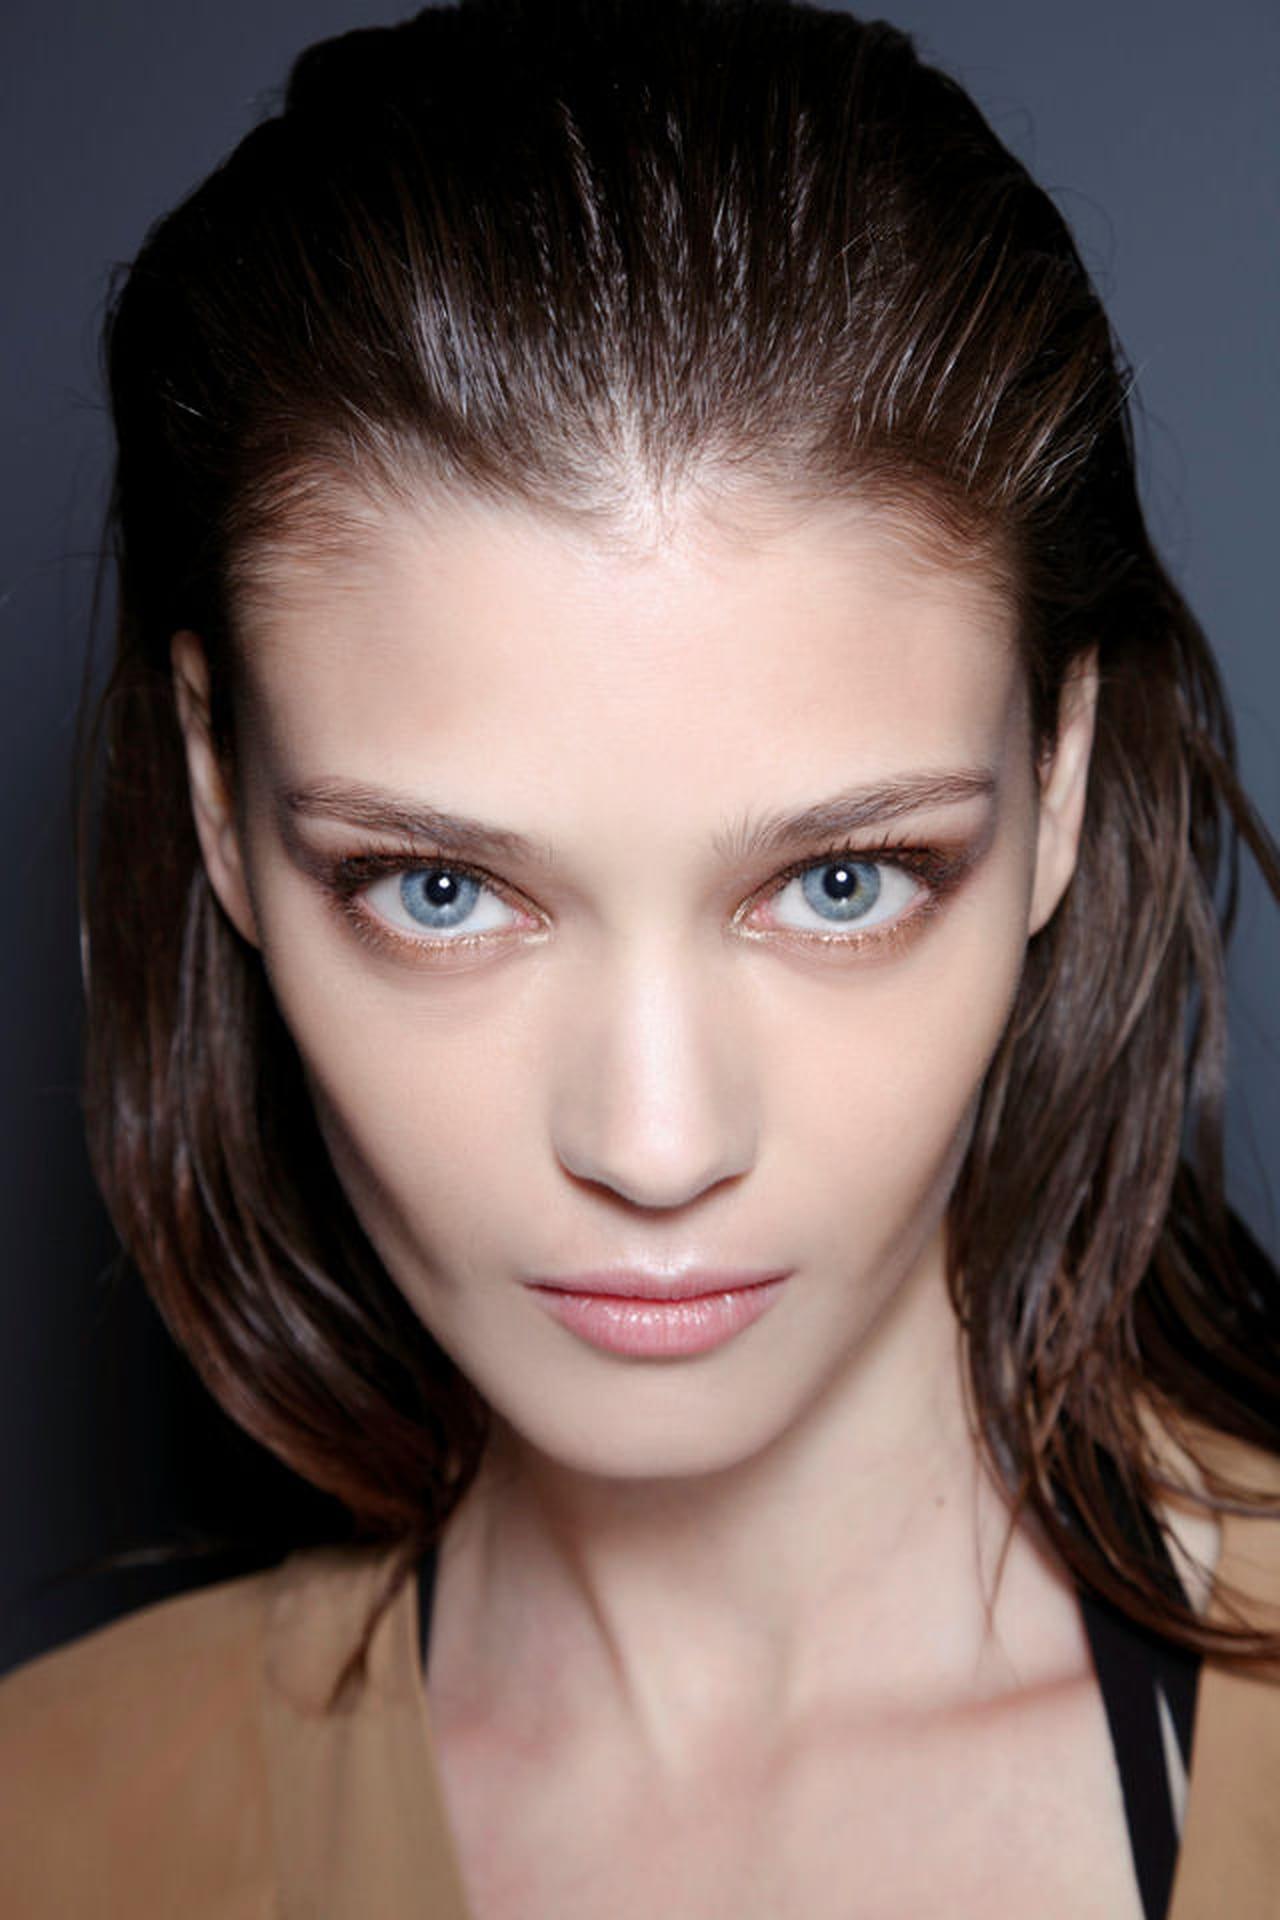 Capelli effetto bagnato: 10 prodotti per un hairstyle di tendenza